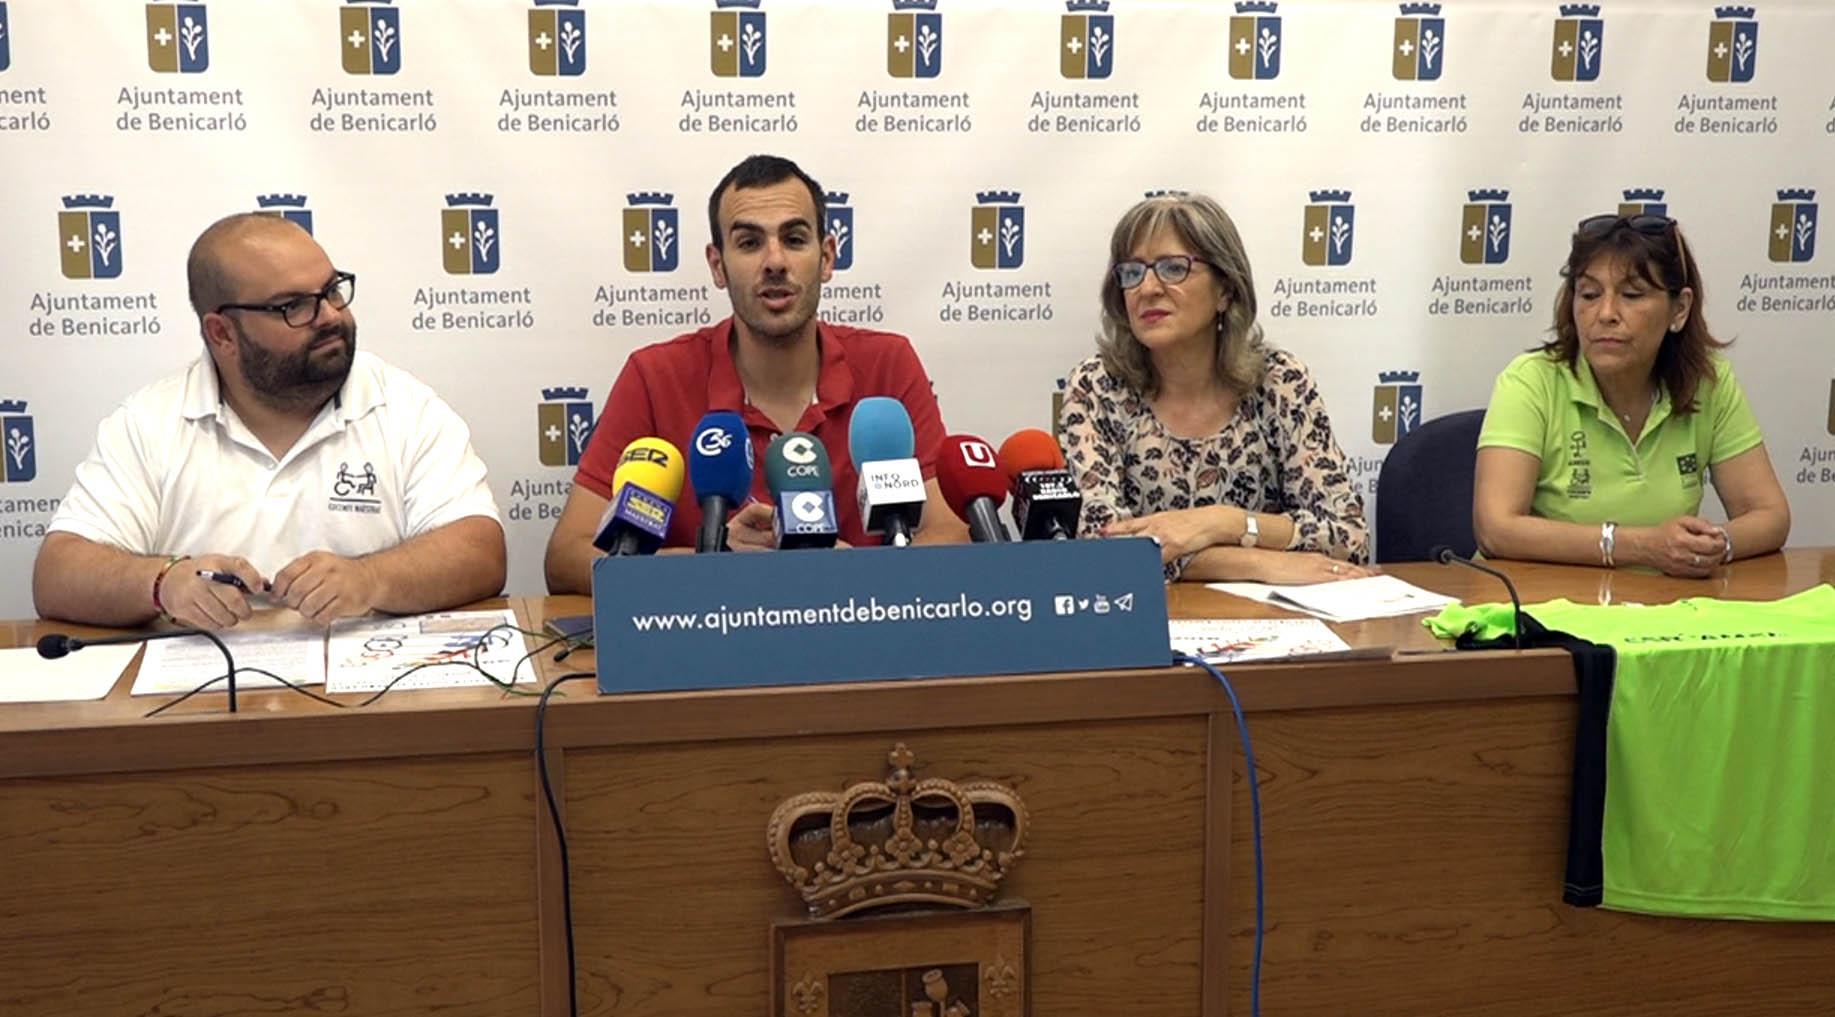 Benicarló, diumenge es disputarà el 7è Certamen de Ciclisme Adaptat